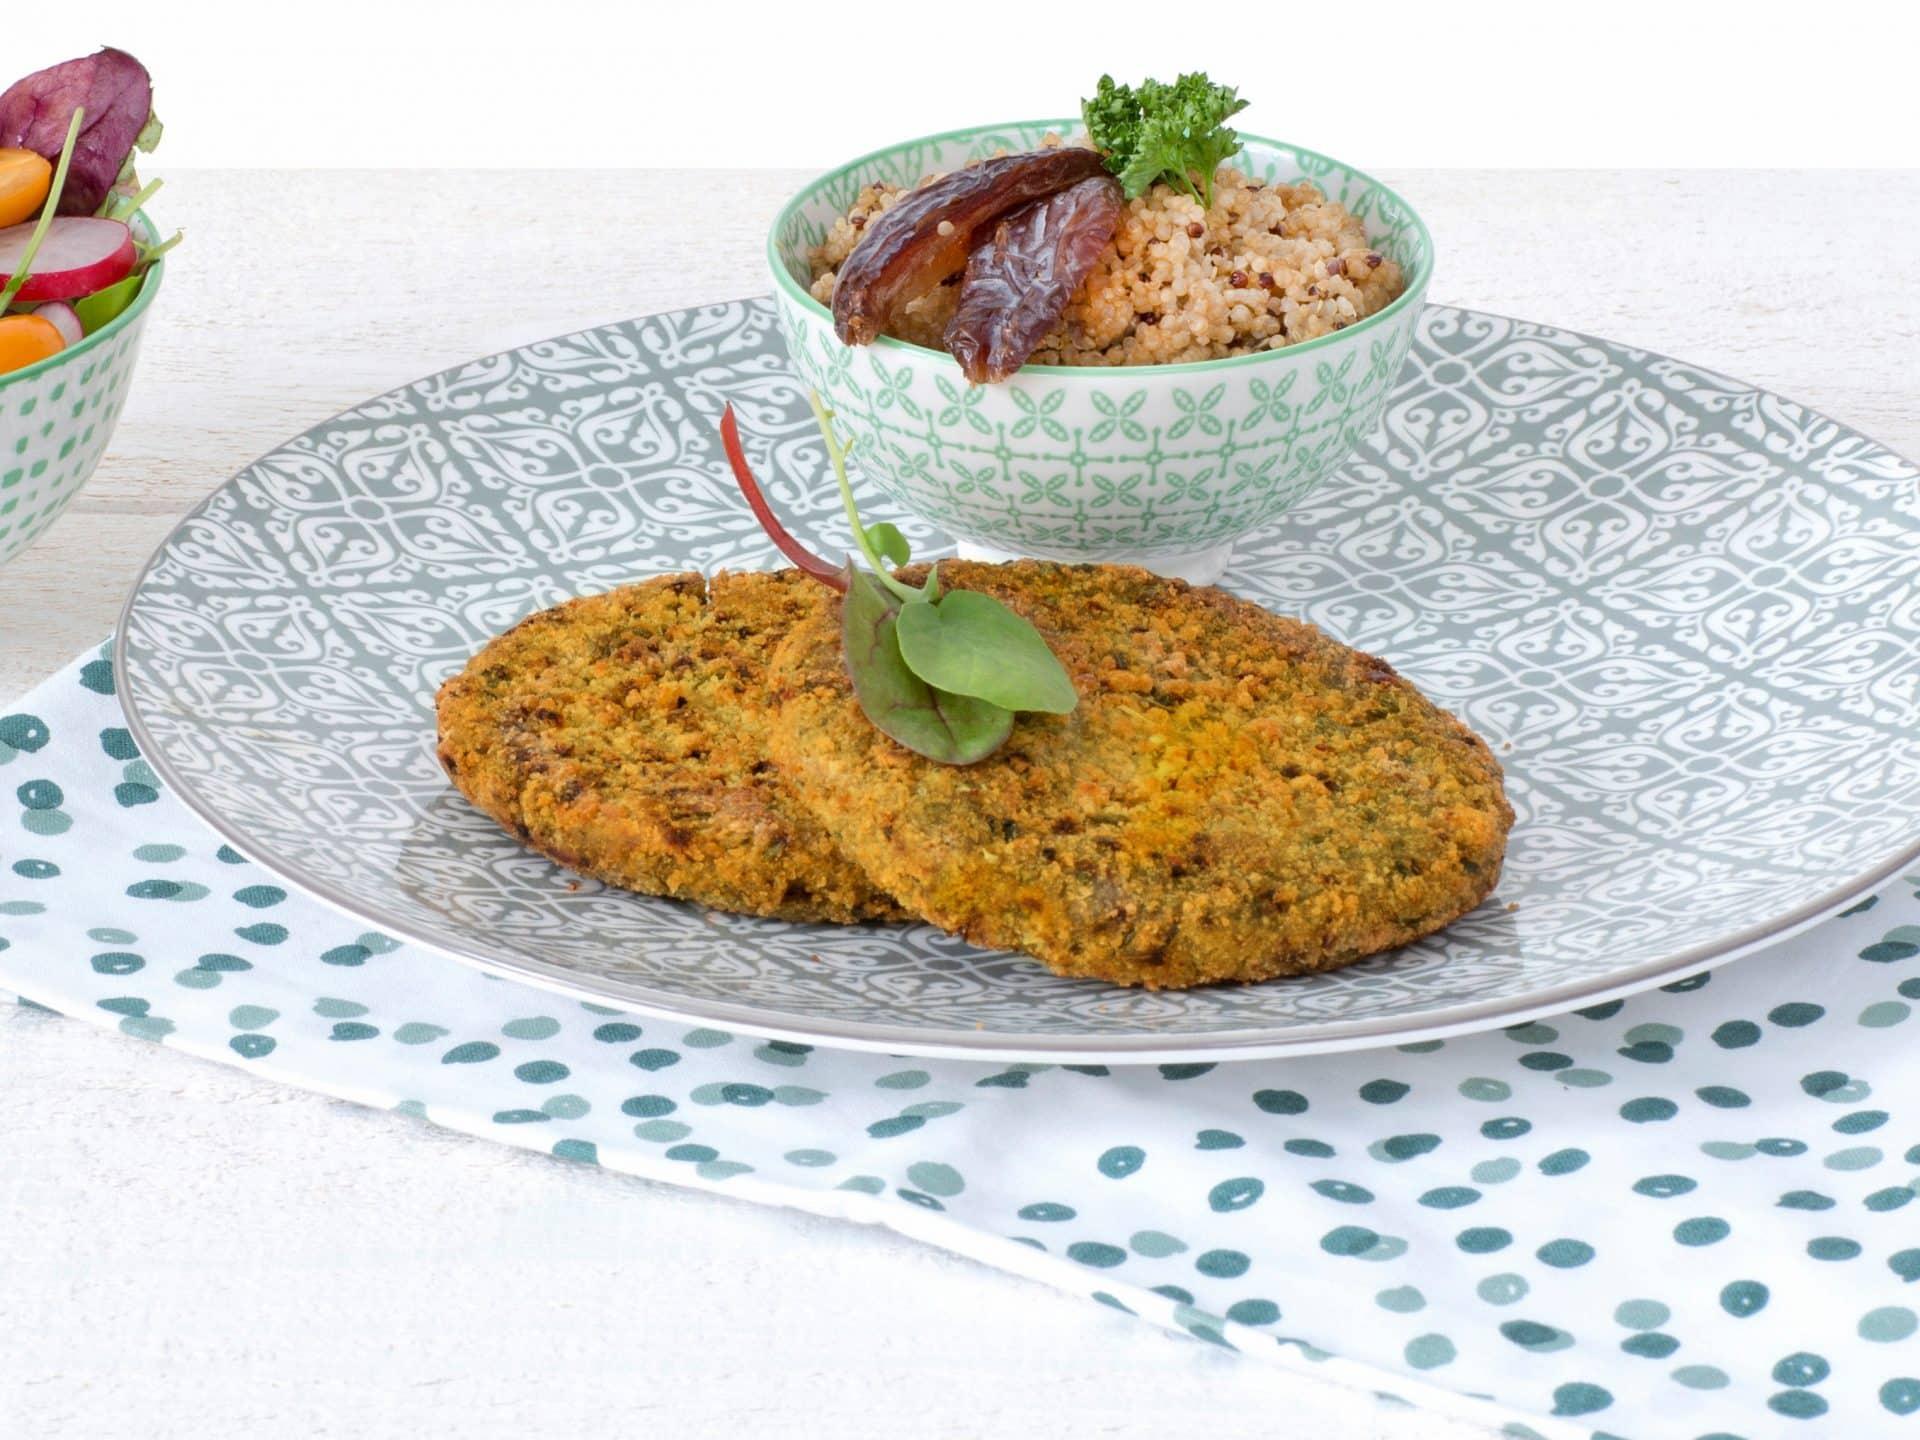 substituts de viande: Burger végétalien aux Lentilles vegetalien